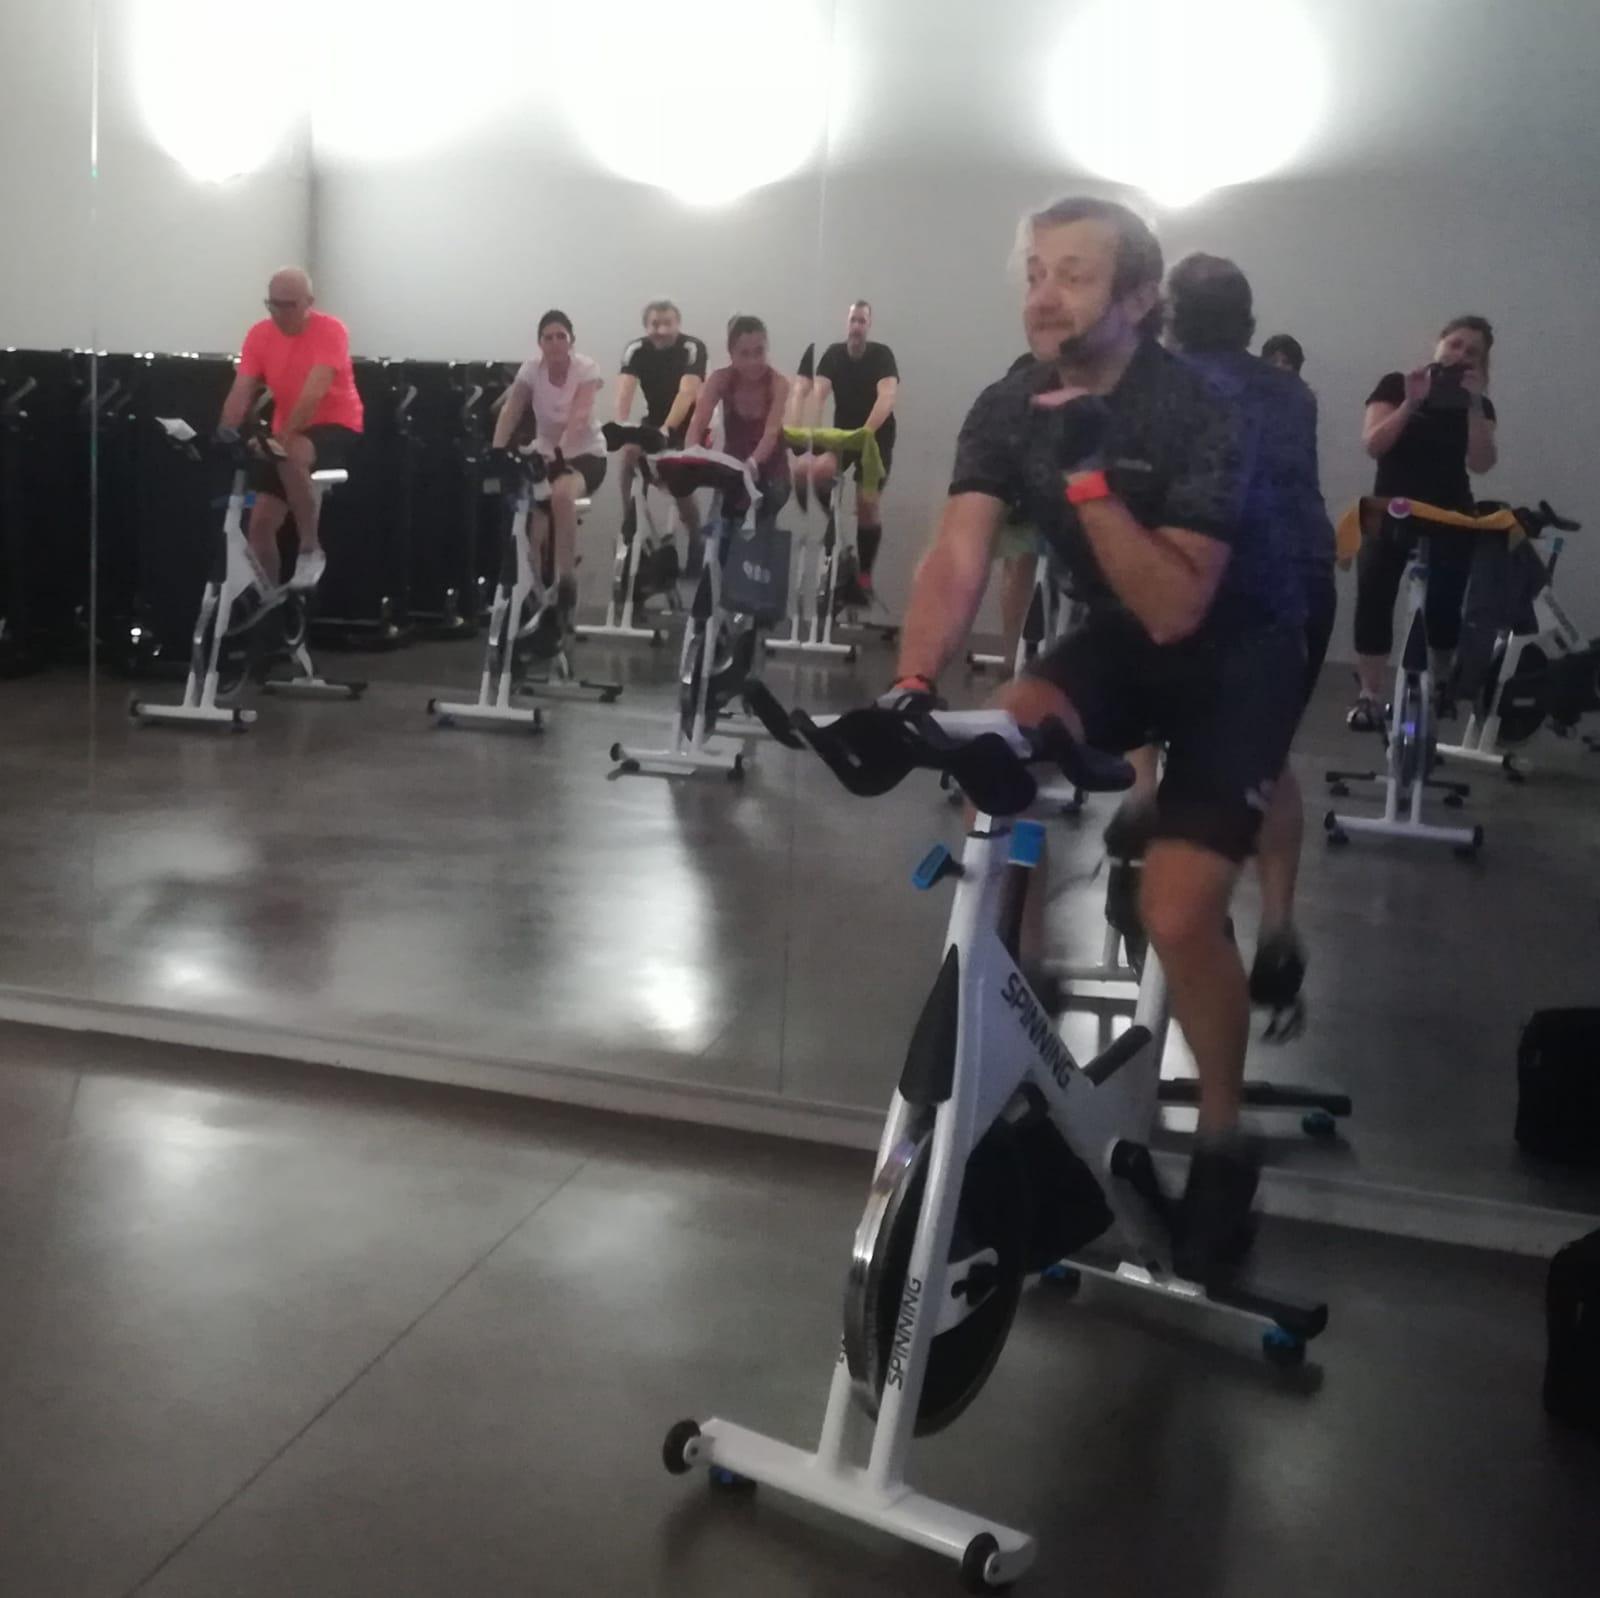 Conosciamo lo Spinning, l'allenamento inventato da Jhonny G